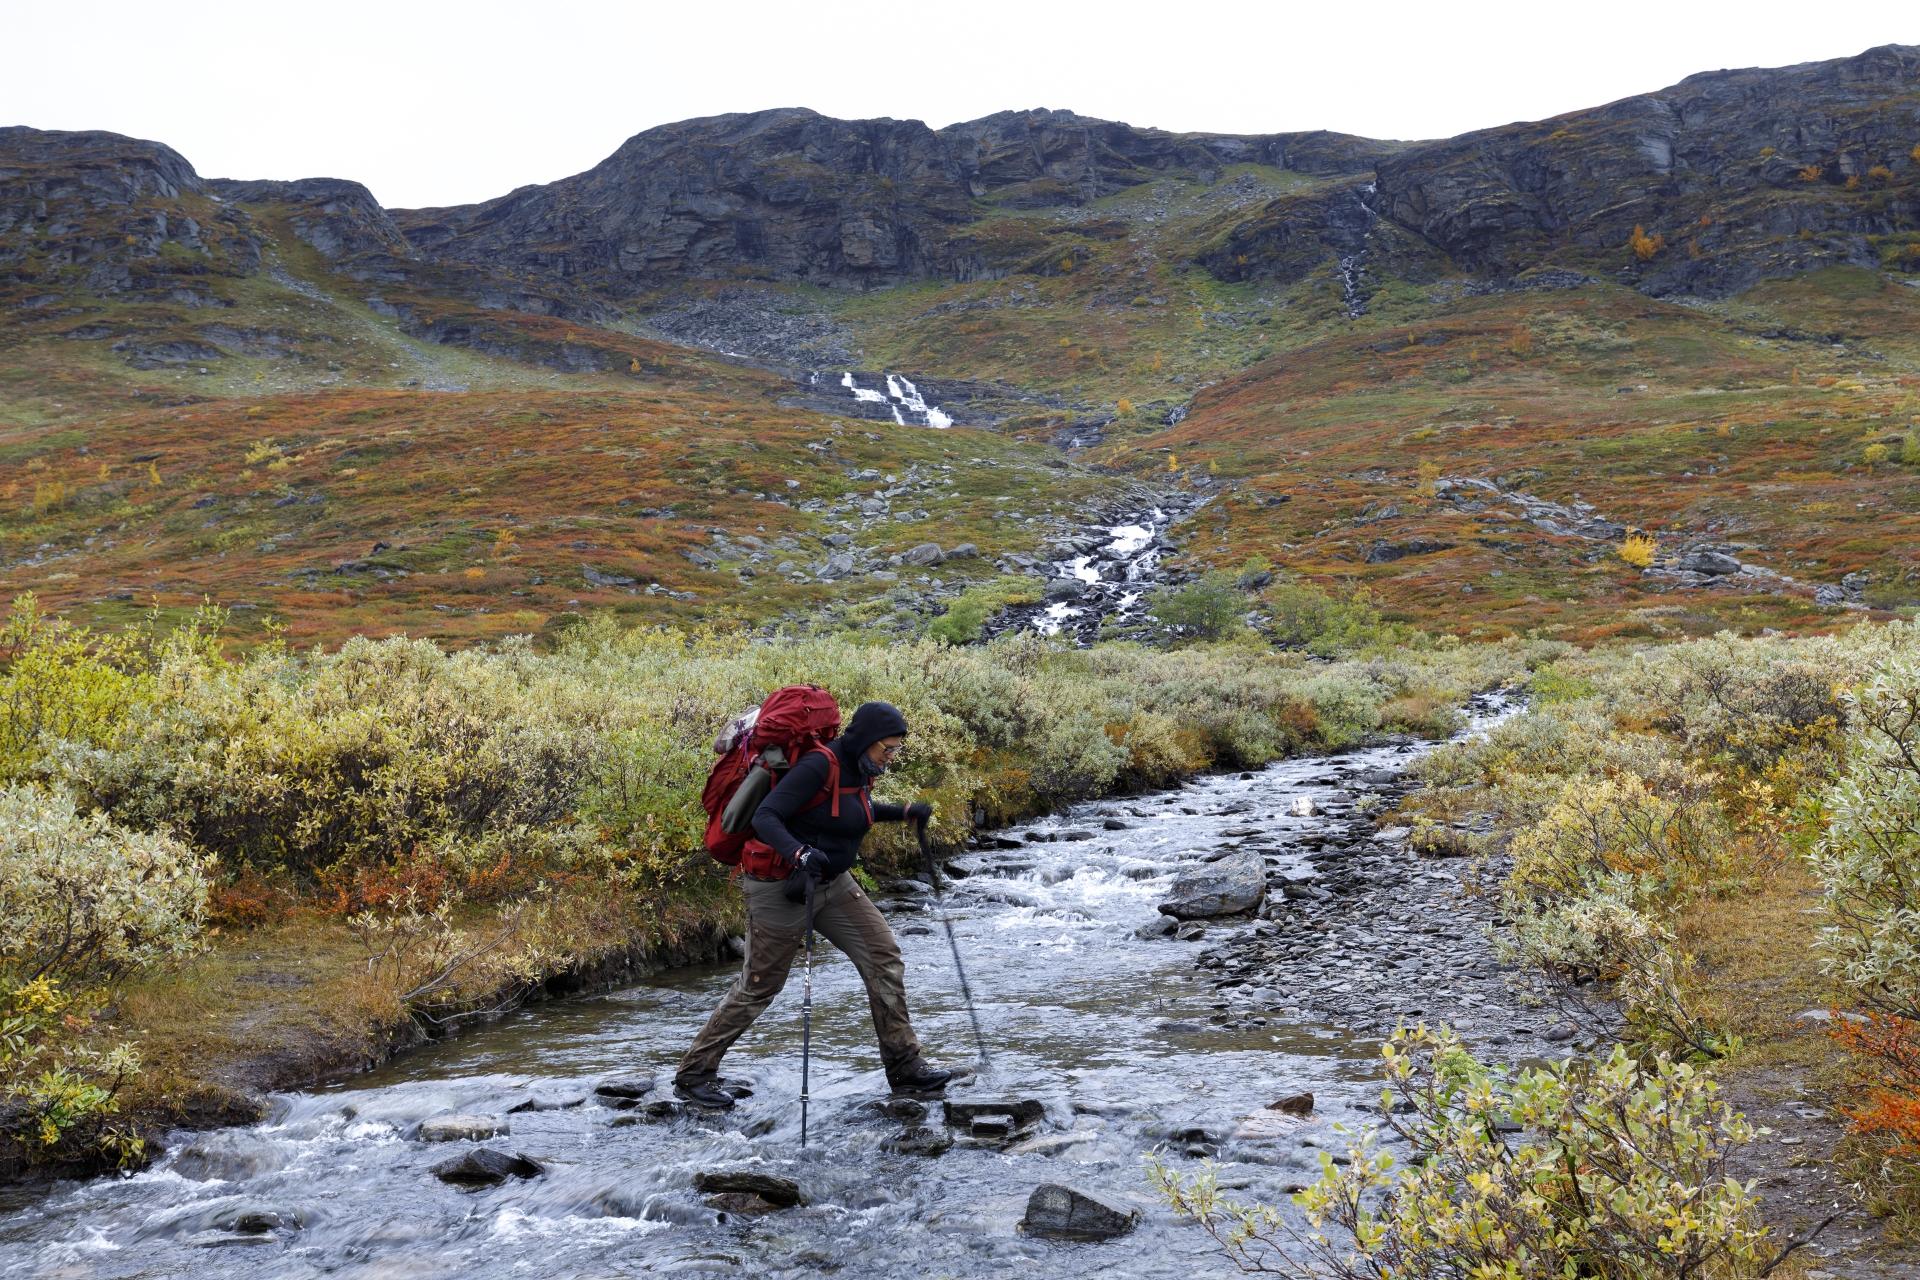 Viele kleine Flüsse sind im Kårsavagge zu queren